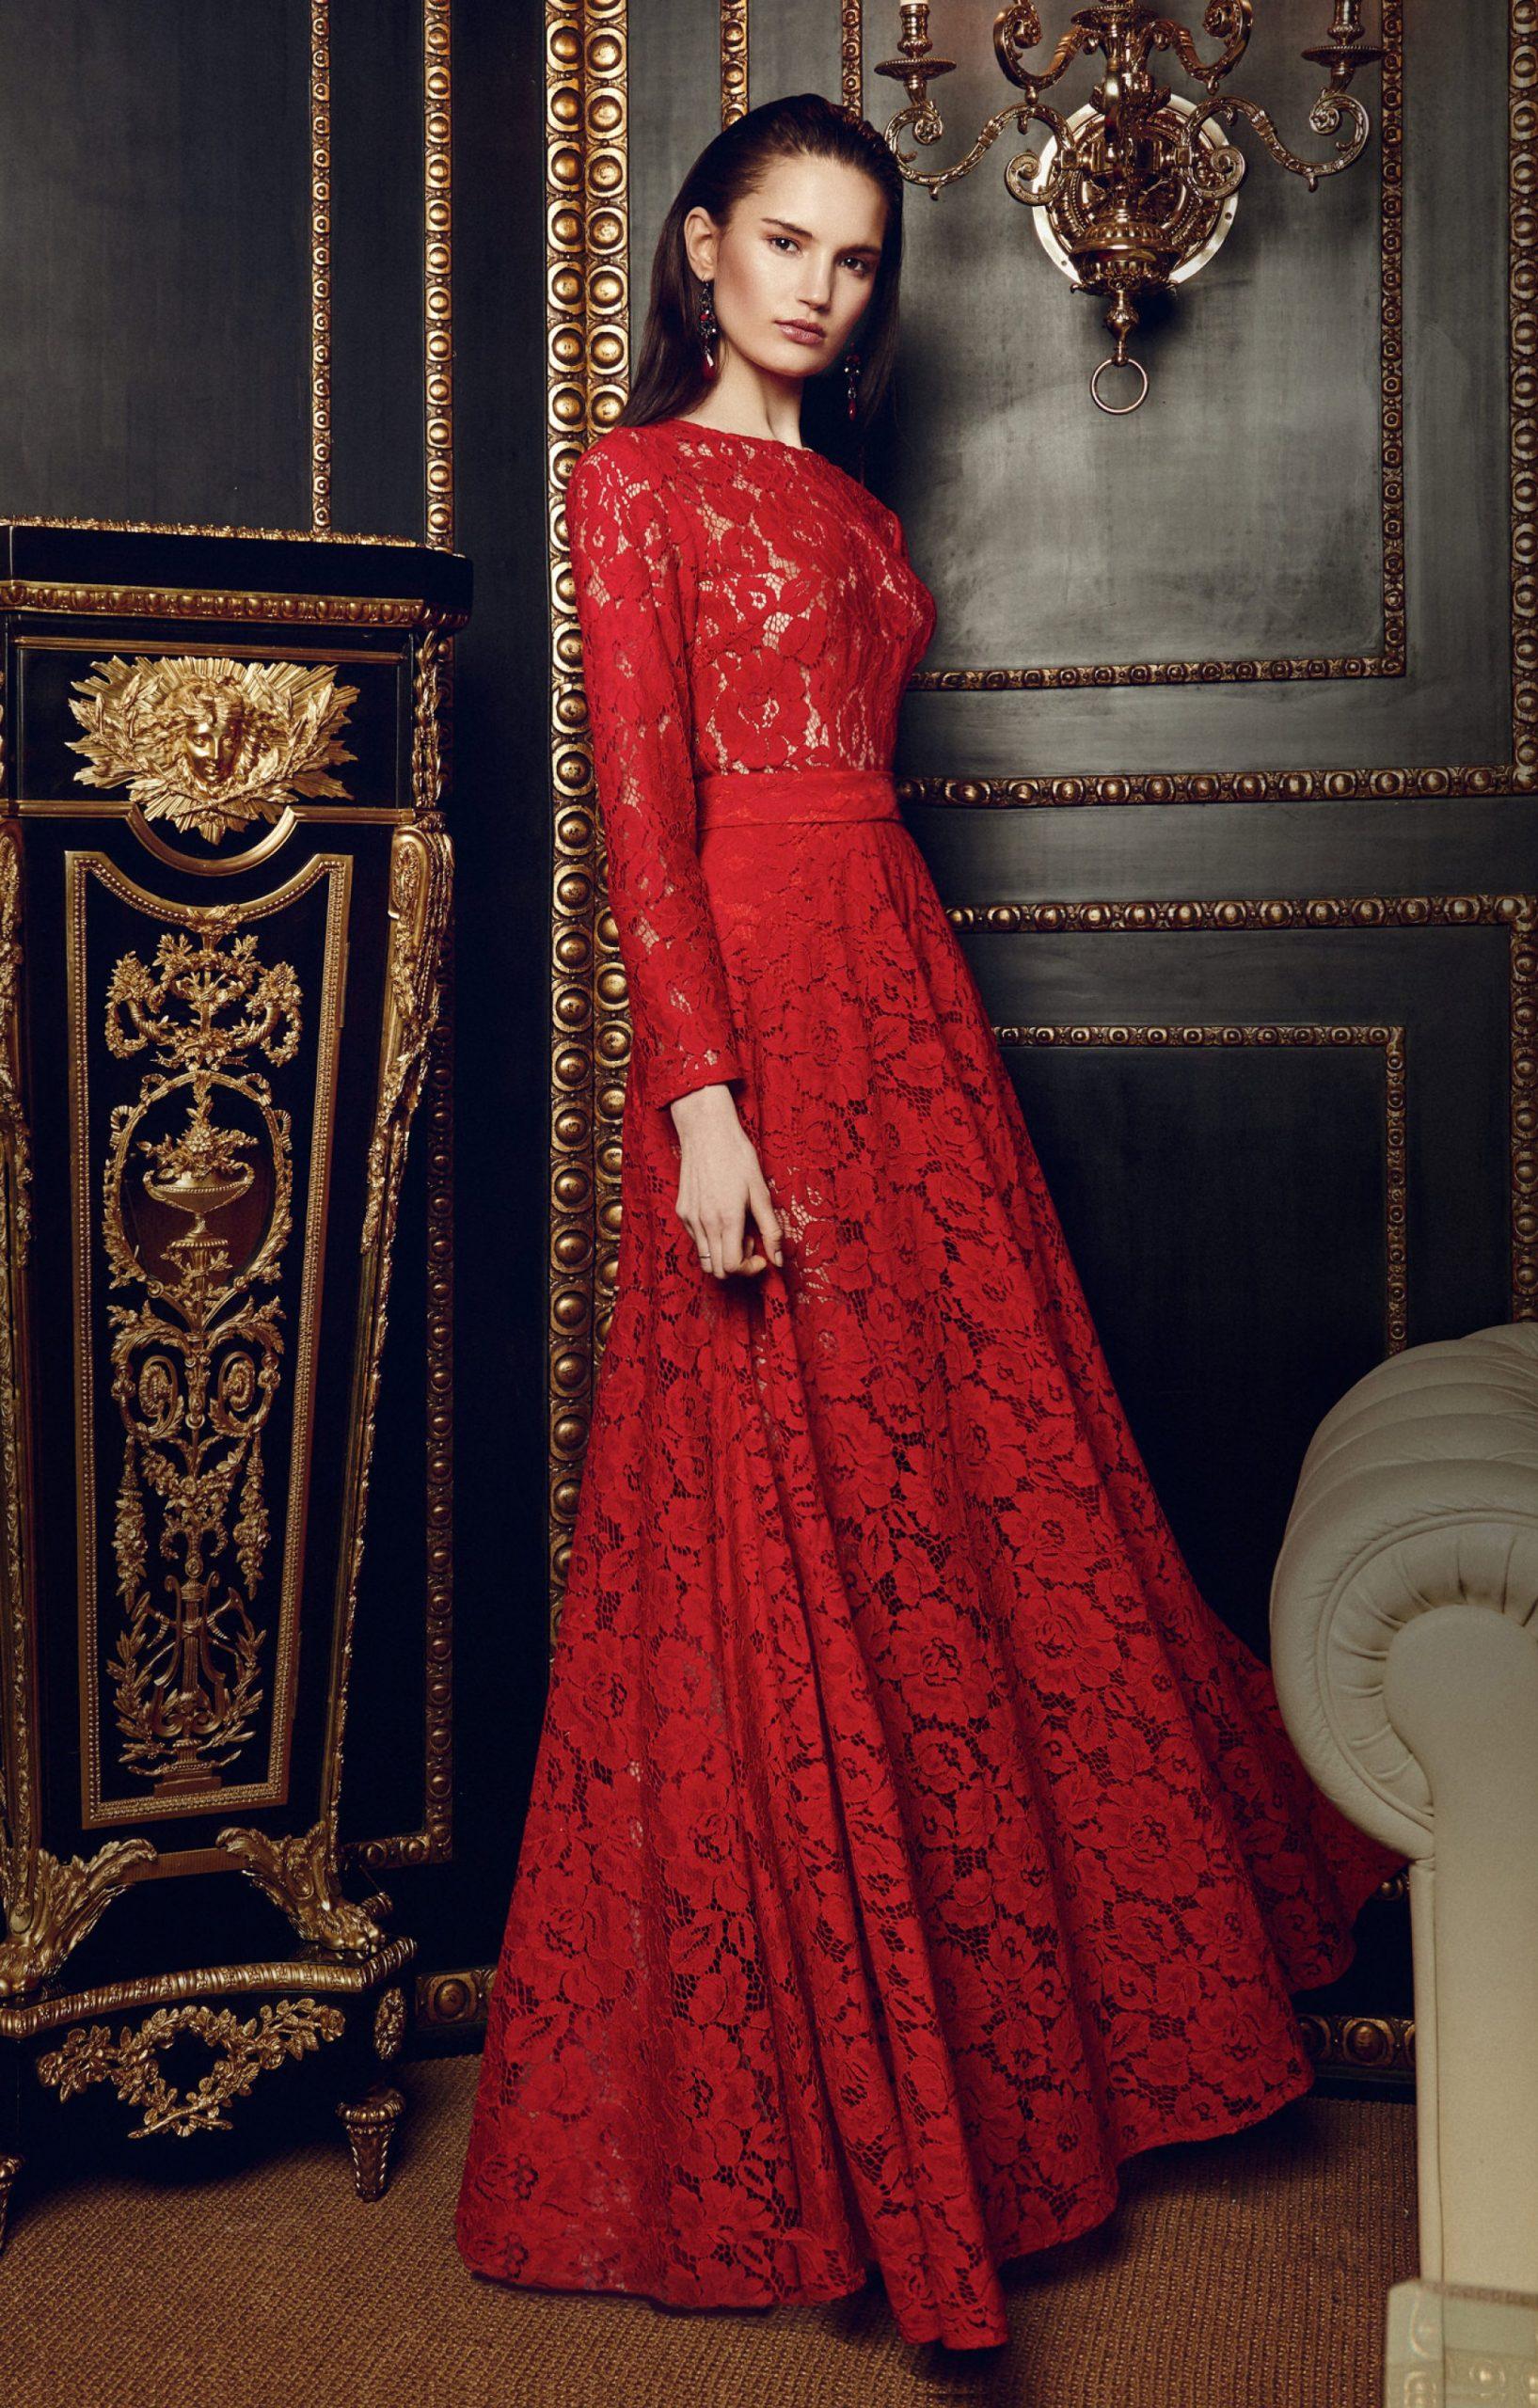 Wunderbar Abendkleider Winter Bester PreisAbend Leicht Abendkleider Winter Stylish